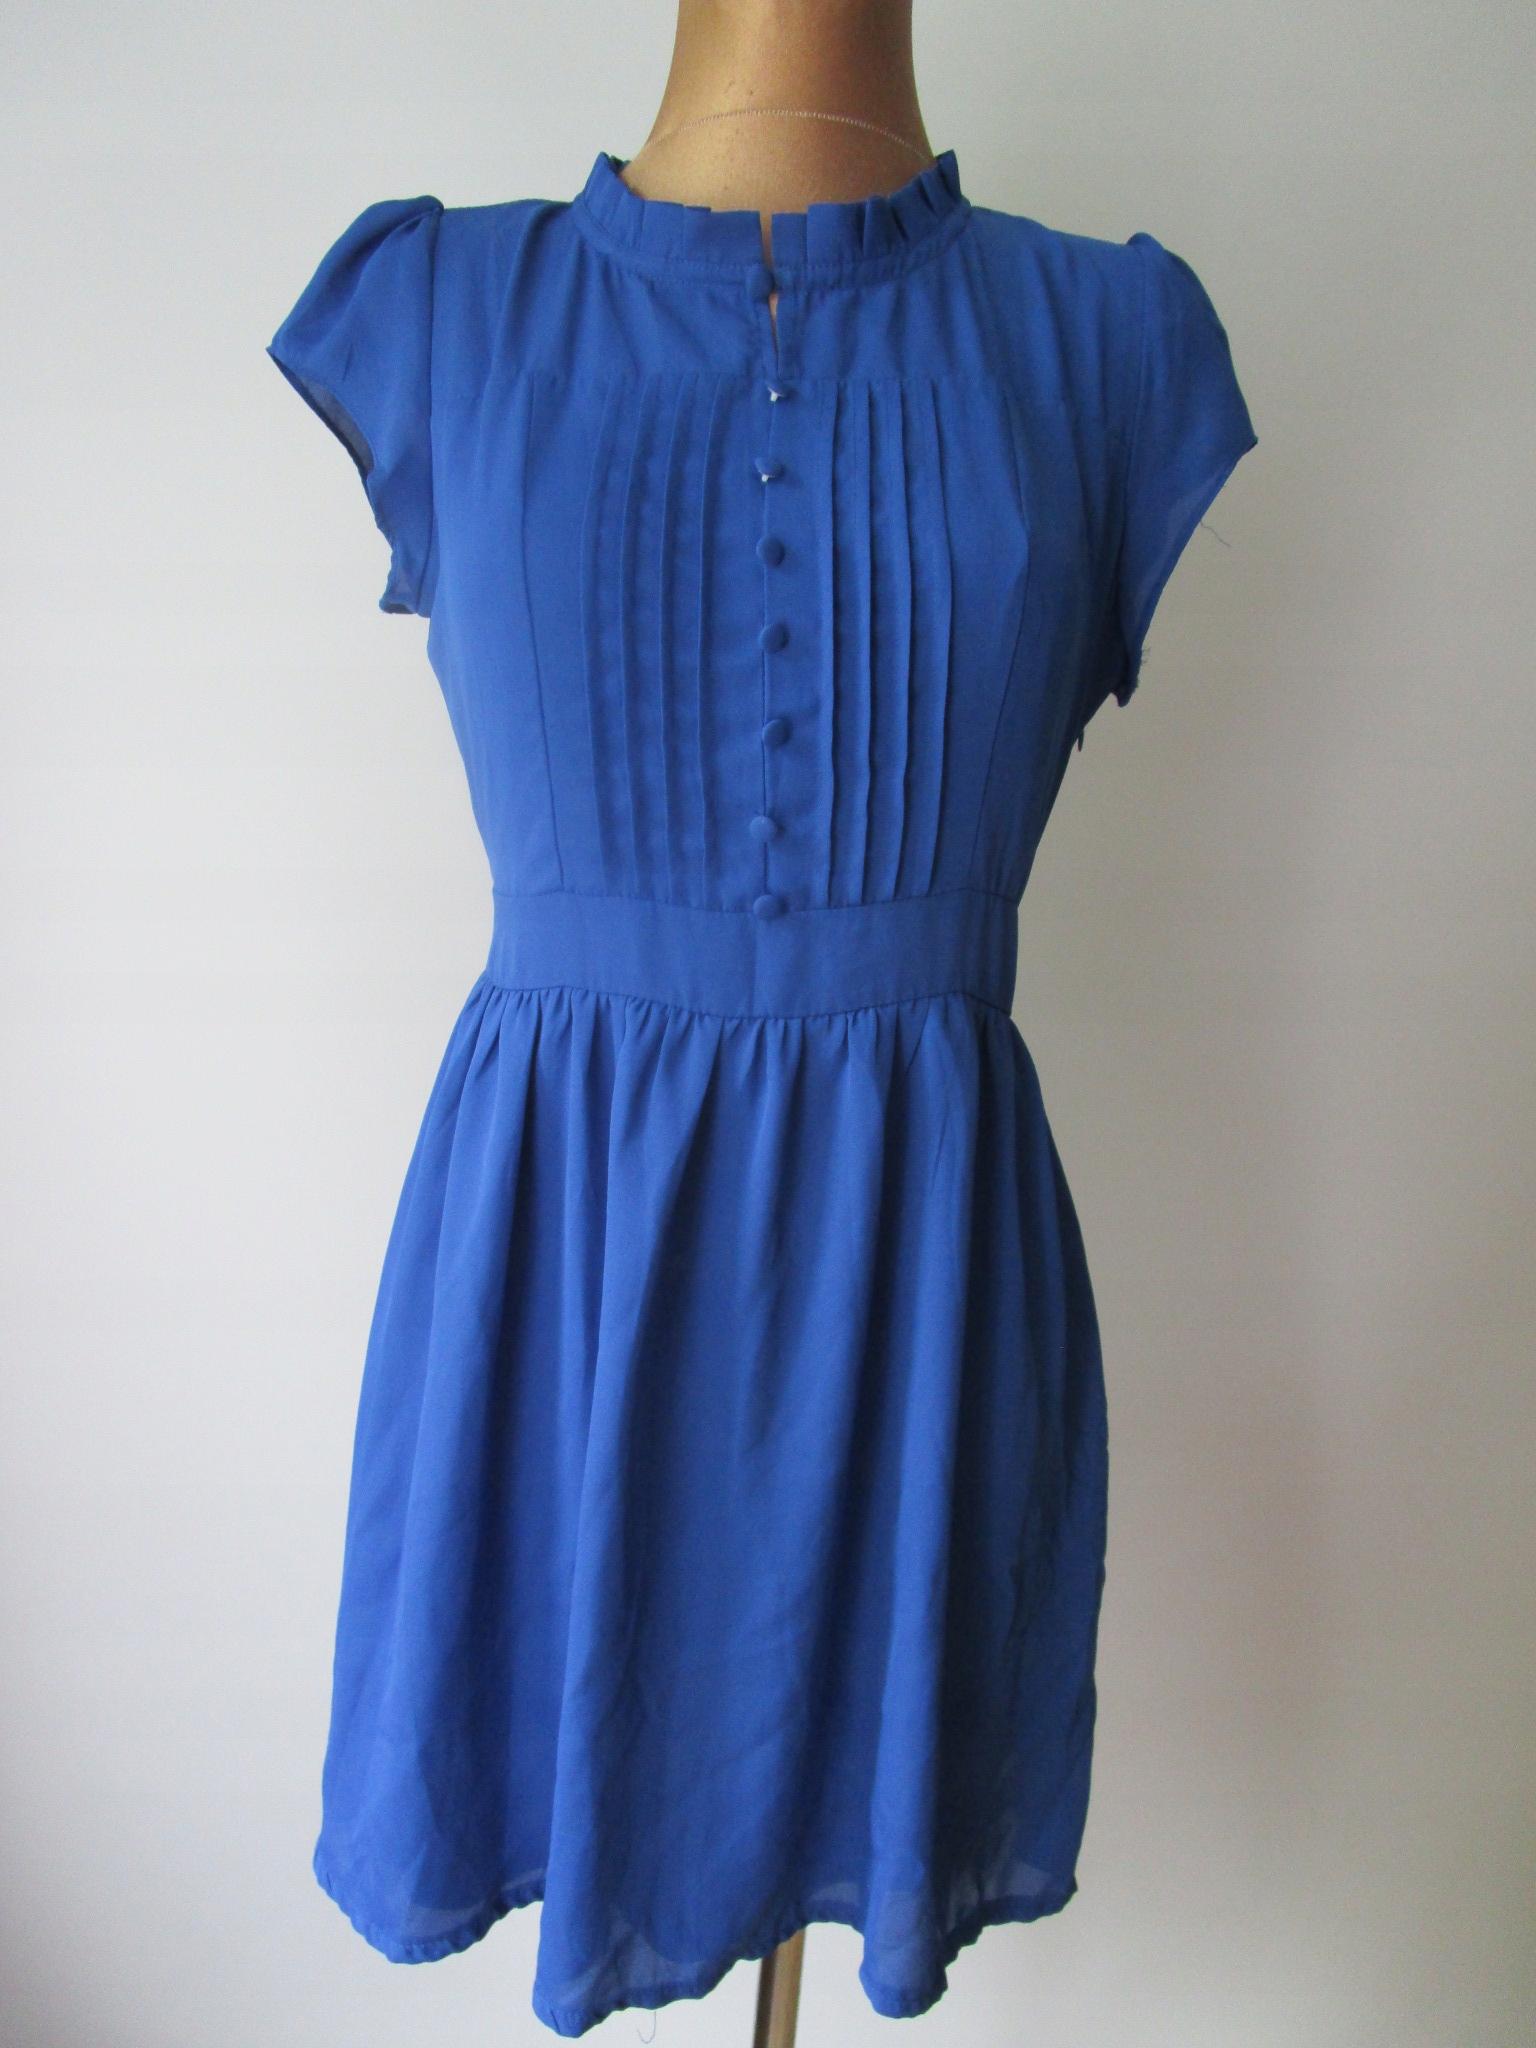 821dc755ca 38 40 Śliczna sukienka TENKI kobaltowa -A2 - 7487688099 - oficjalne  archiwum allegro